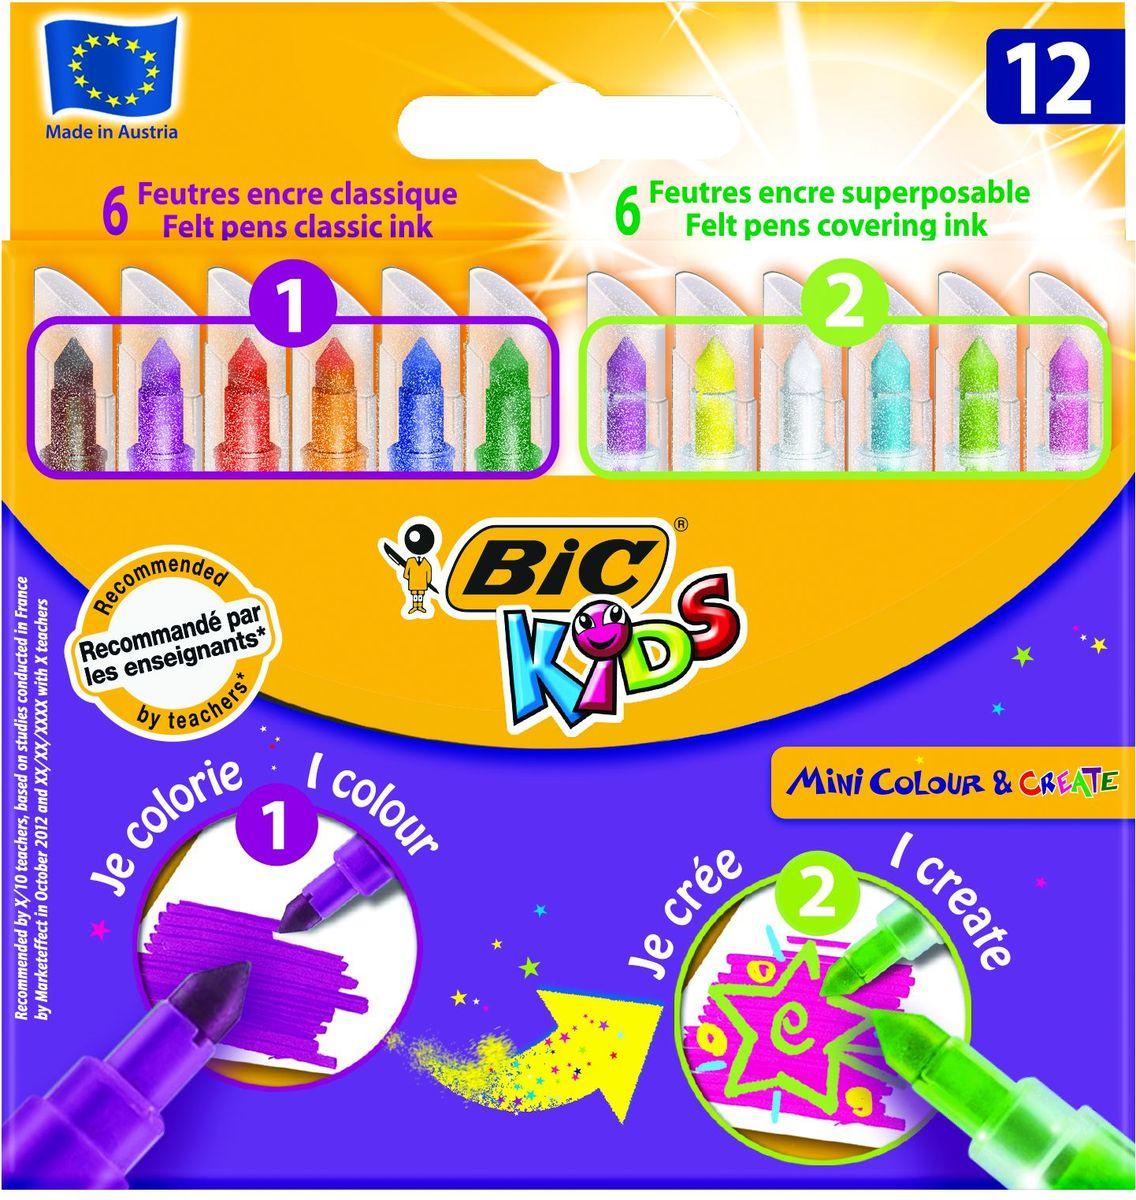 Bic Фломастеры Mini 12 цветов72523WDНабор Bic Mini включает 6 обычных и 6 тонирующих фломастеров, с помощью которых можно создавать специальные эффекты. Чернила на водной основе легко смываются с кожи, большинства материалов и отстирываются с одежды. Цветные фломастеры – это просто находка для маленьких любителей рисовать! Фломастеры оборудованы вентилируемым колпачком (в случае, если ребенок проглотит его, он сможет дышать). Конический пишущий узел позволяет рисовать как толстыми, так и тонкими линиями. Фиксированный пишущий узел не даст стержню провалиться даже при сильном нажатии. Идеальны для ежедневного использования детьми от 5 лет.Уважаемые клиенты! Обращаем ваше внимание на возможные изменения в дизайне упаковки. Качественные характеристики товара остаются неизменными. Поставка осуществляется в зависимости от наличия на складе.